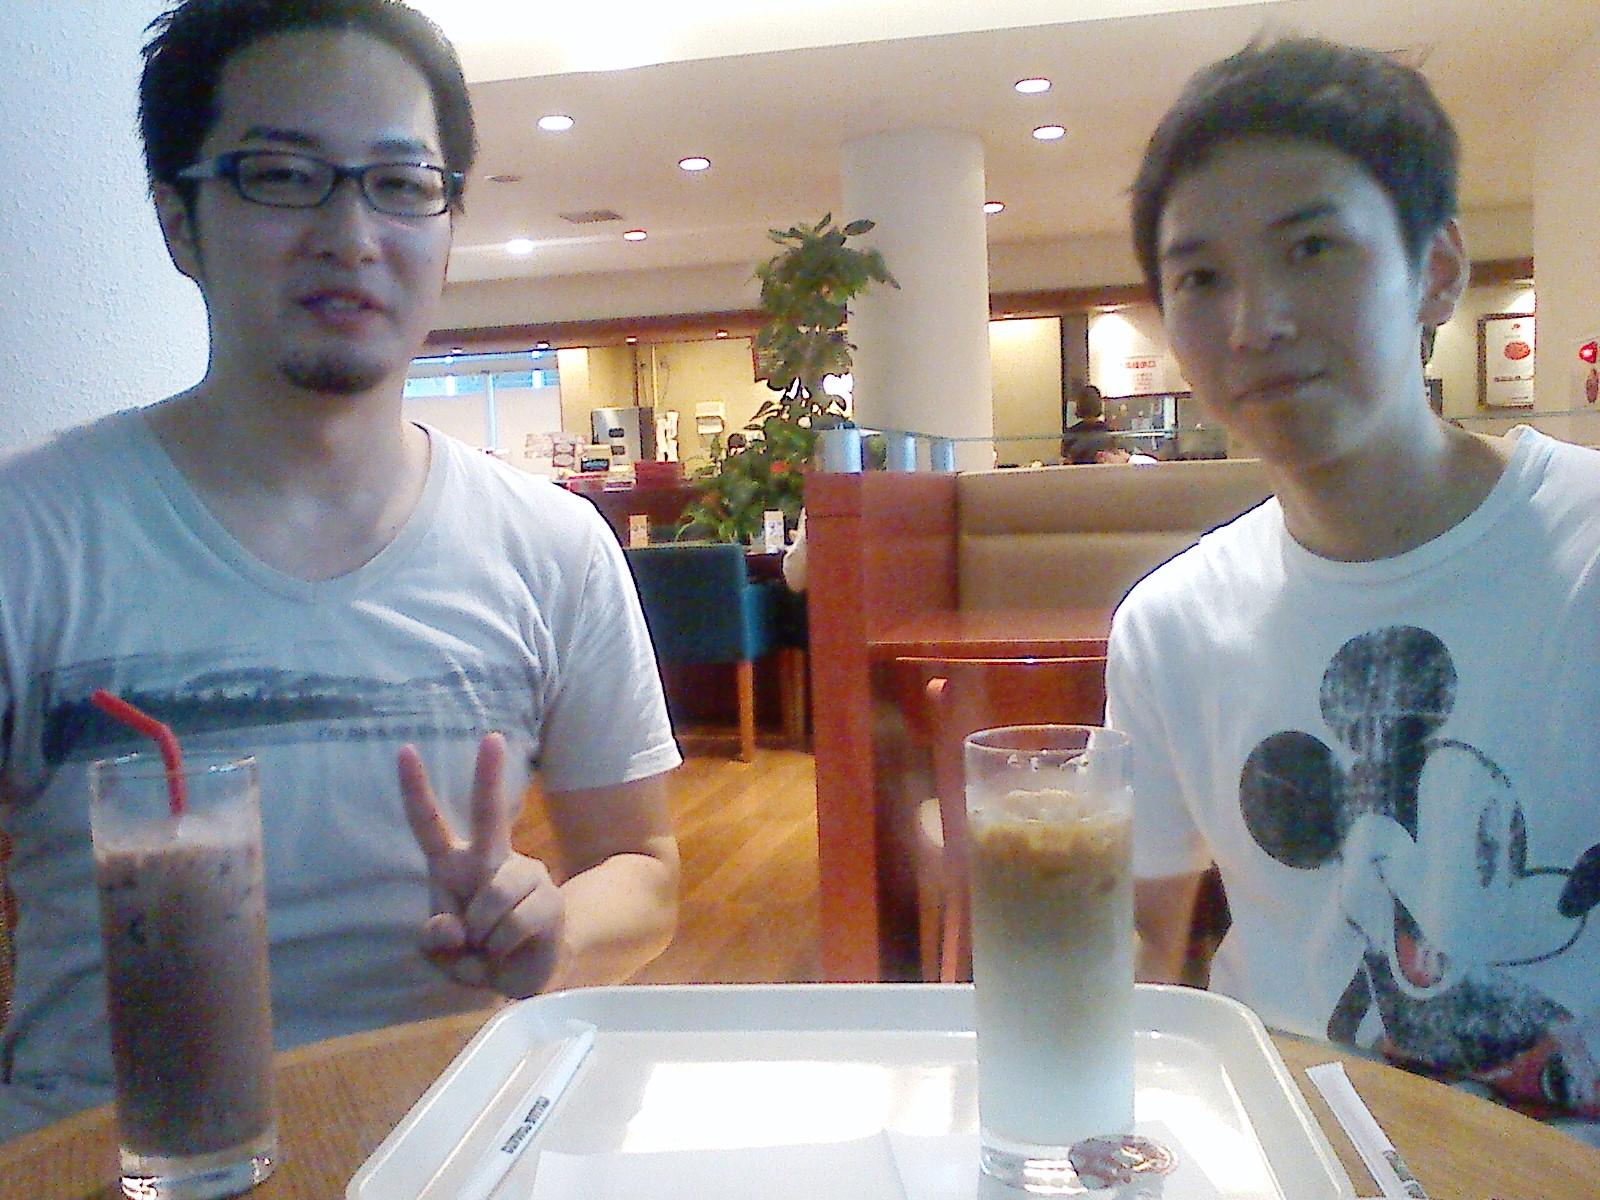 左が小西さん、右が高橋さん